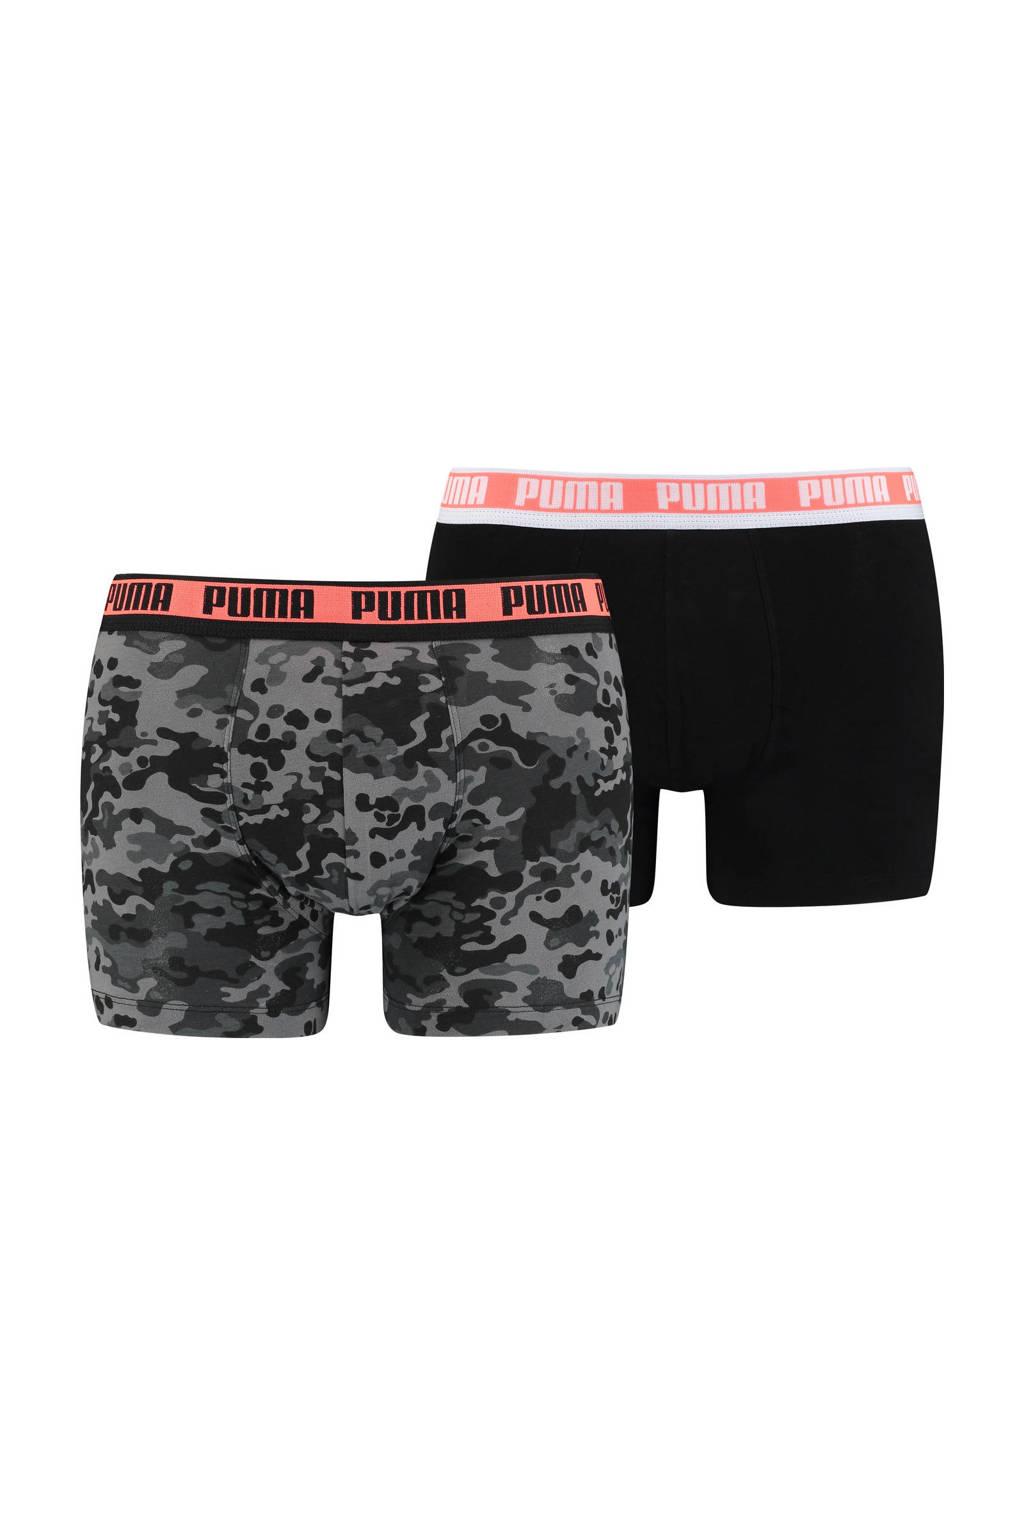 Puma boxershort (set van 2), Zwart/grijs/rood